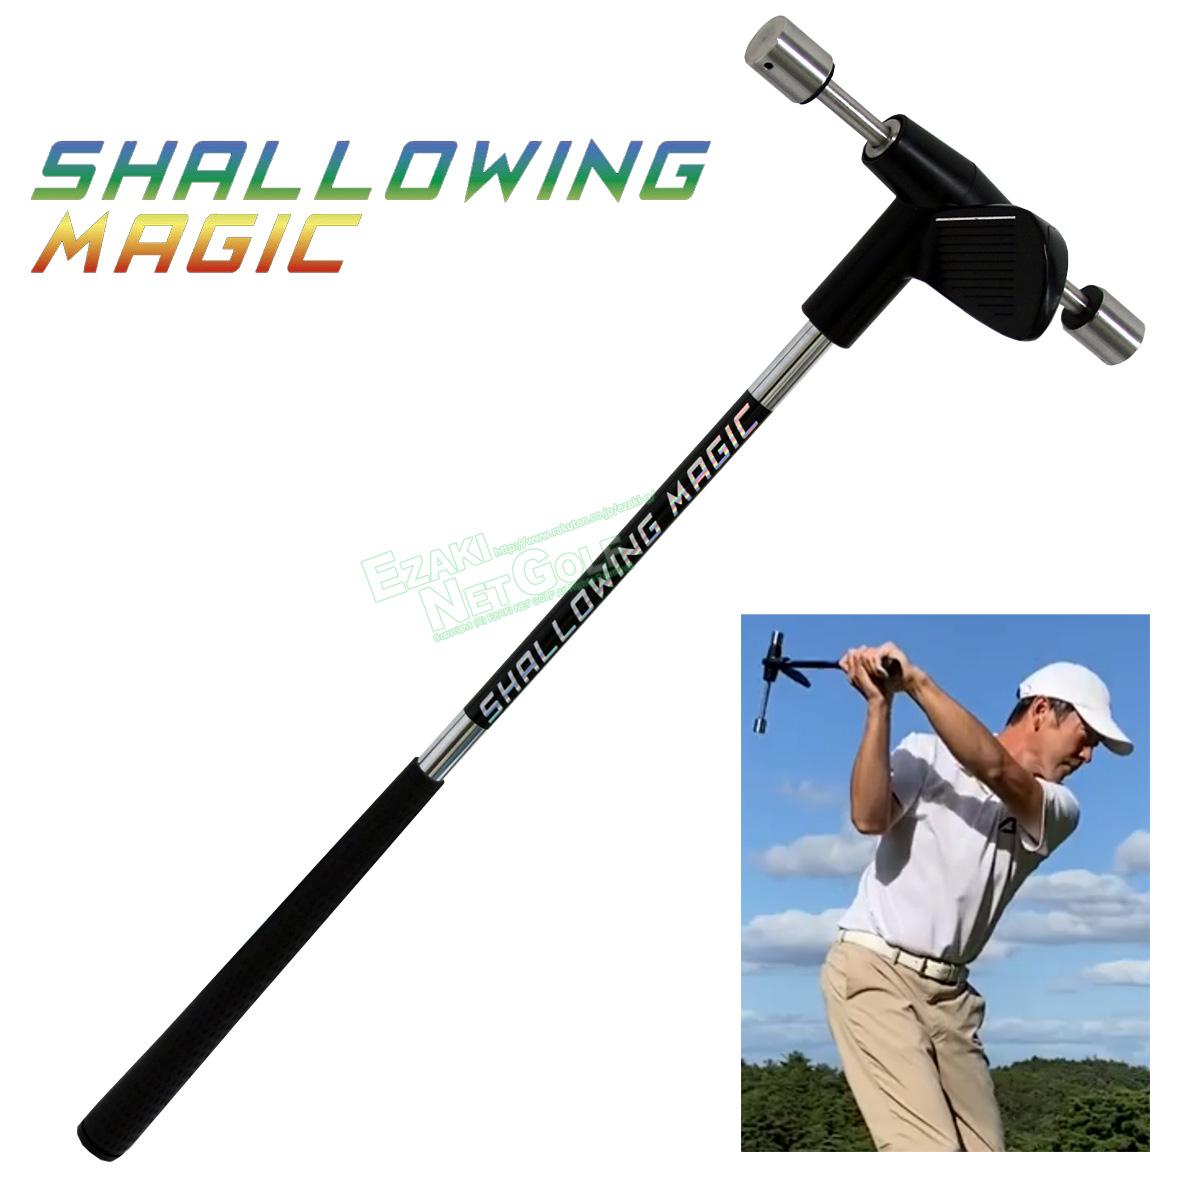 【正しいスイングをカラダに染み込ませます】 A DESIGN GOLF(エーデザインゴルフ) SHALLOWING MAGIC (シャローイングマジック) 「ゴルフスイング練習用品」 【あす楽対応】